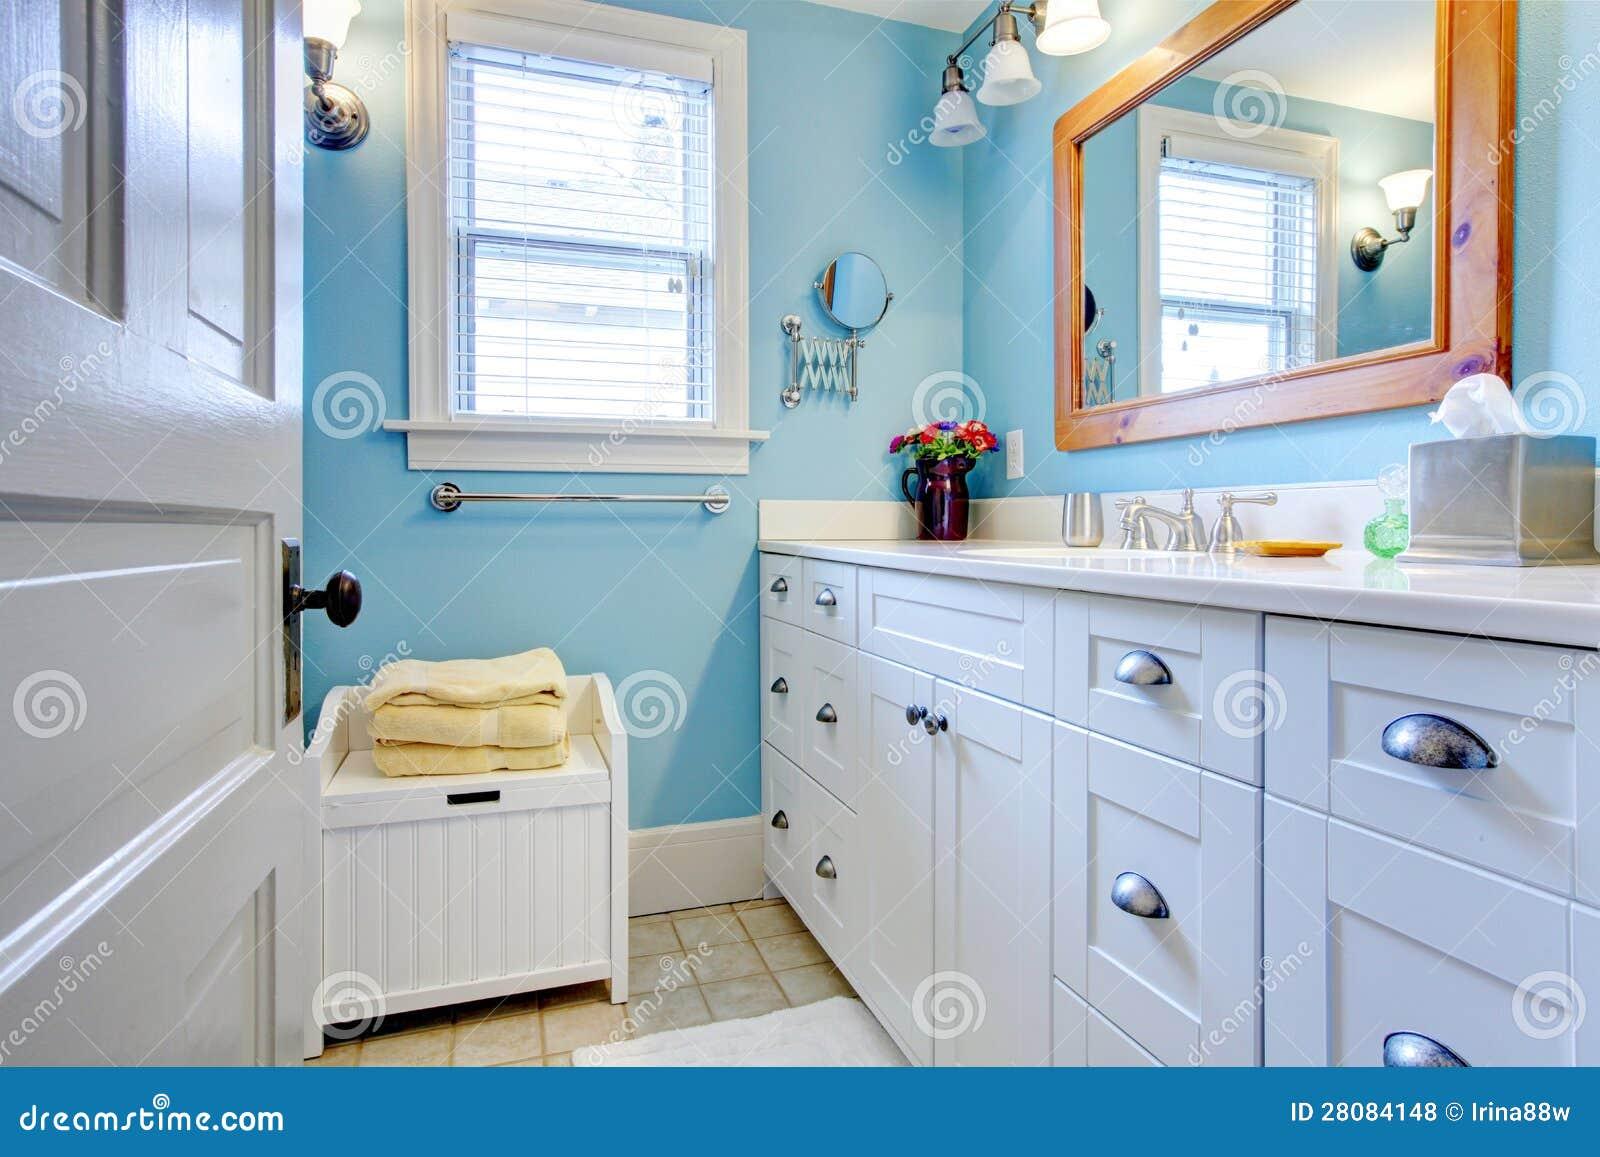 Chambre mur noir paillete - Salle de bain blanche et bleu ...